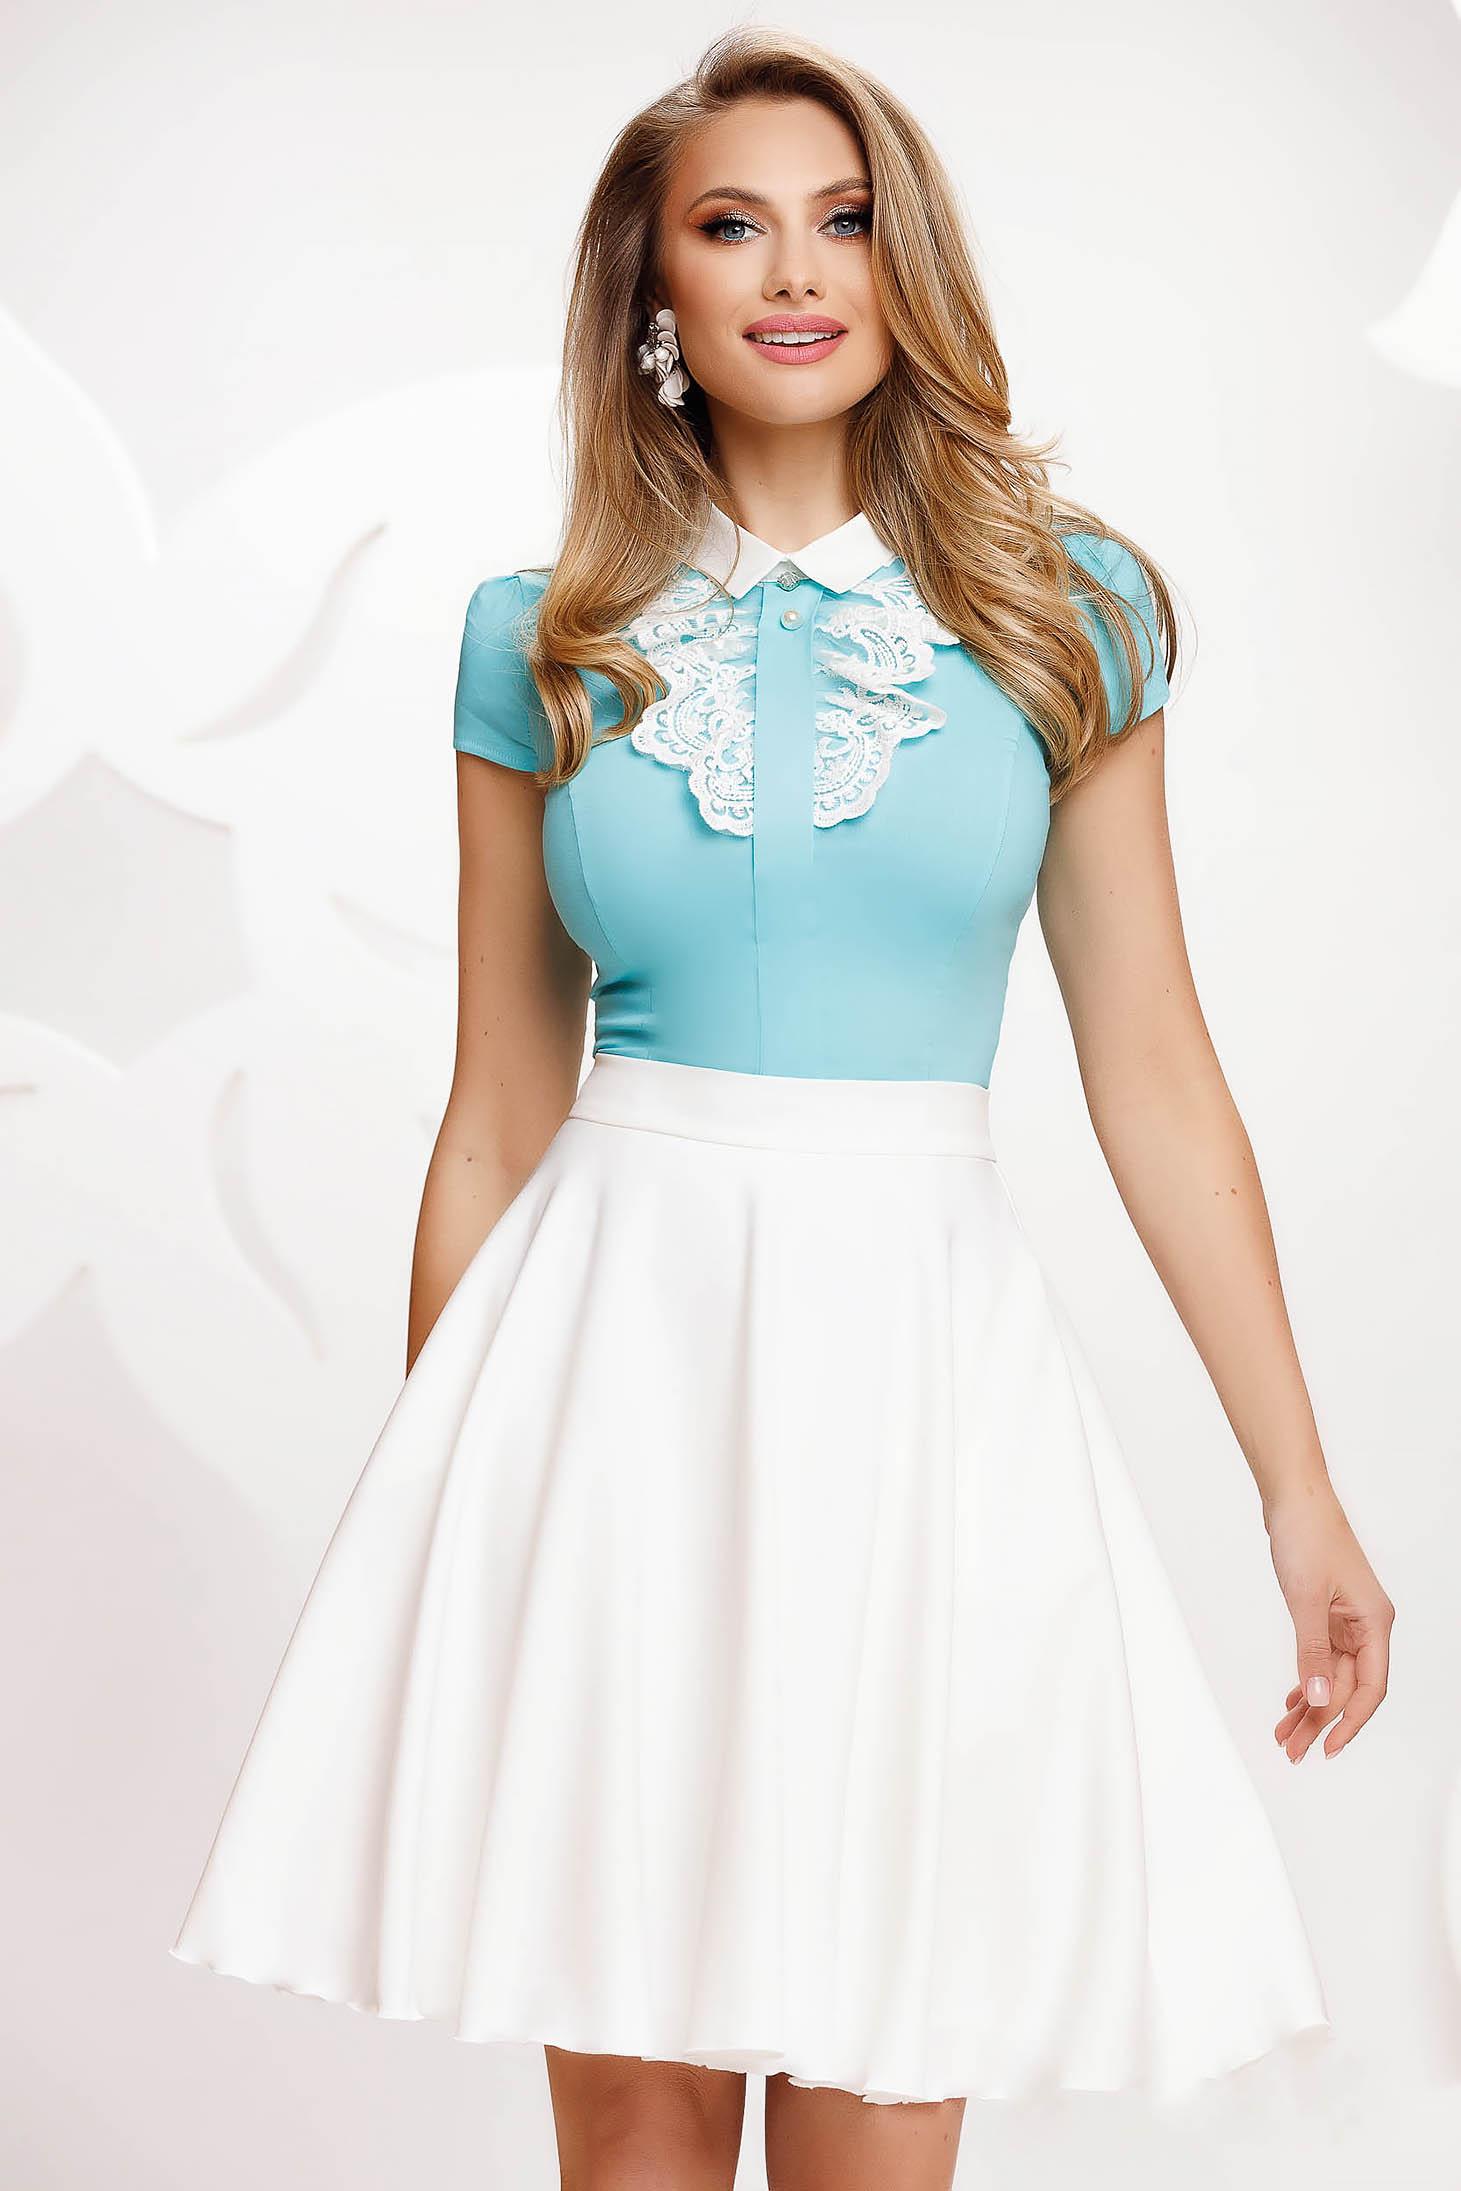 White skirt cloche high waisted elegant